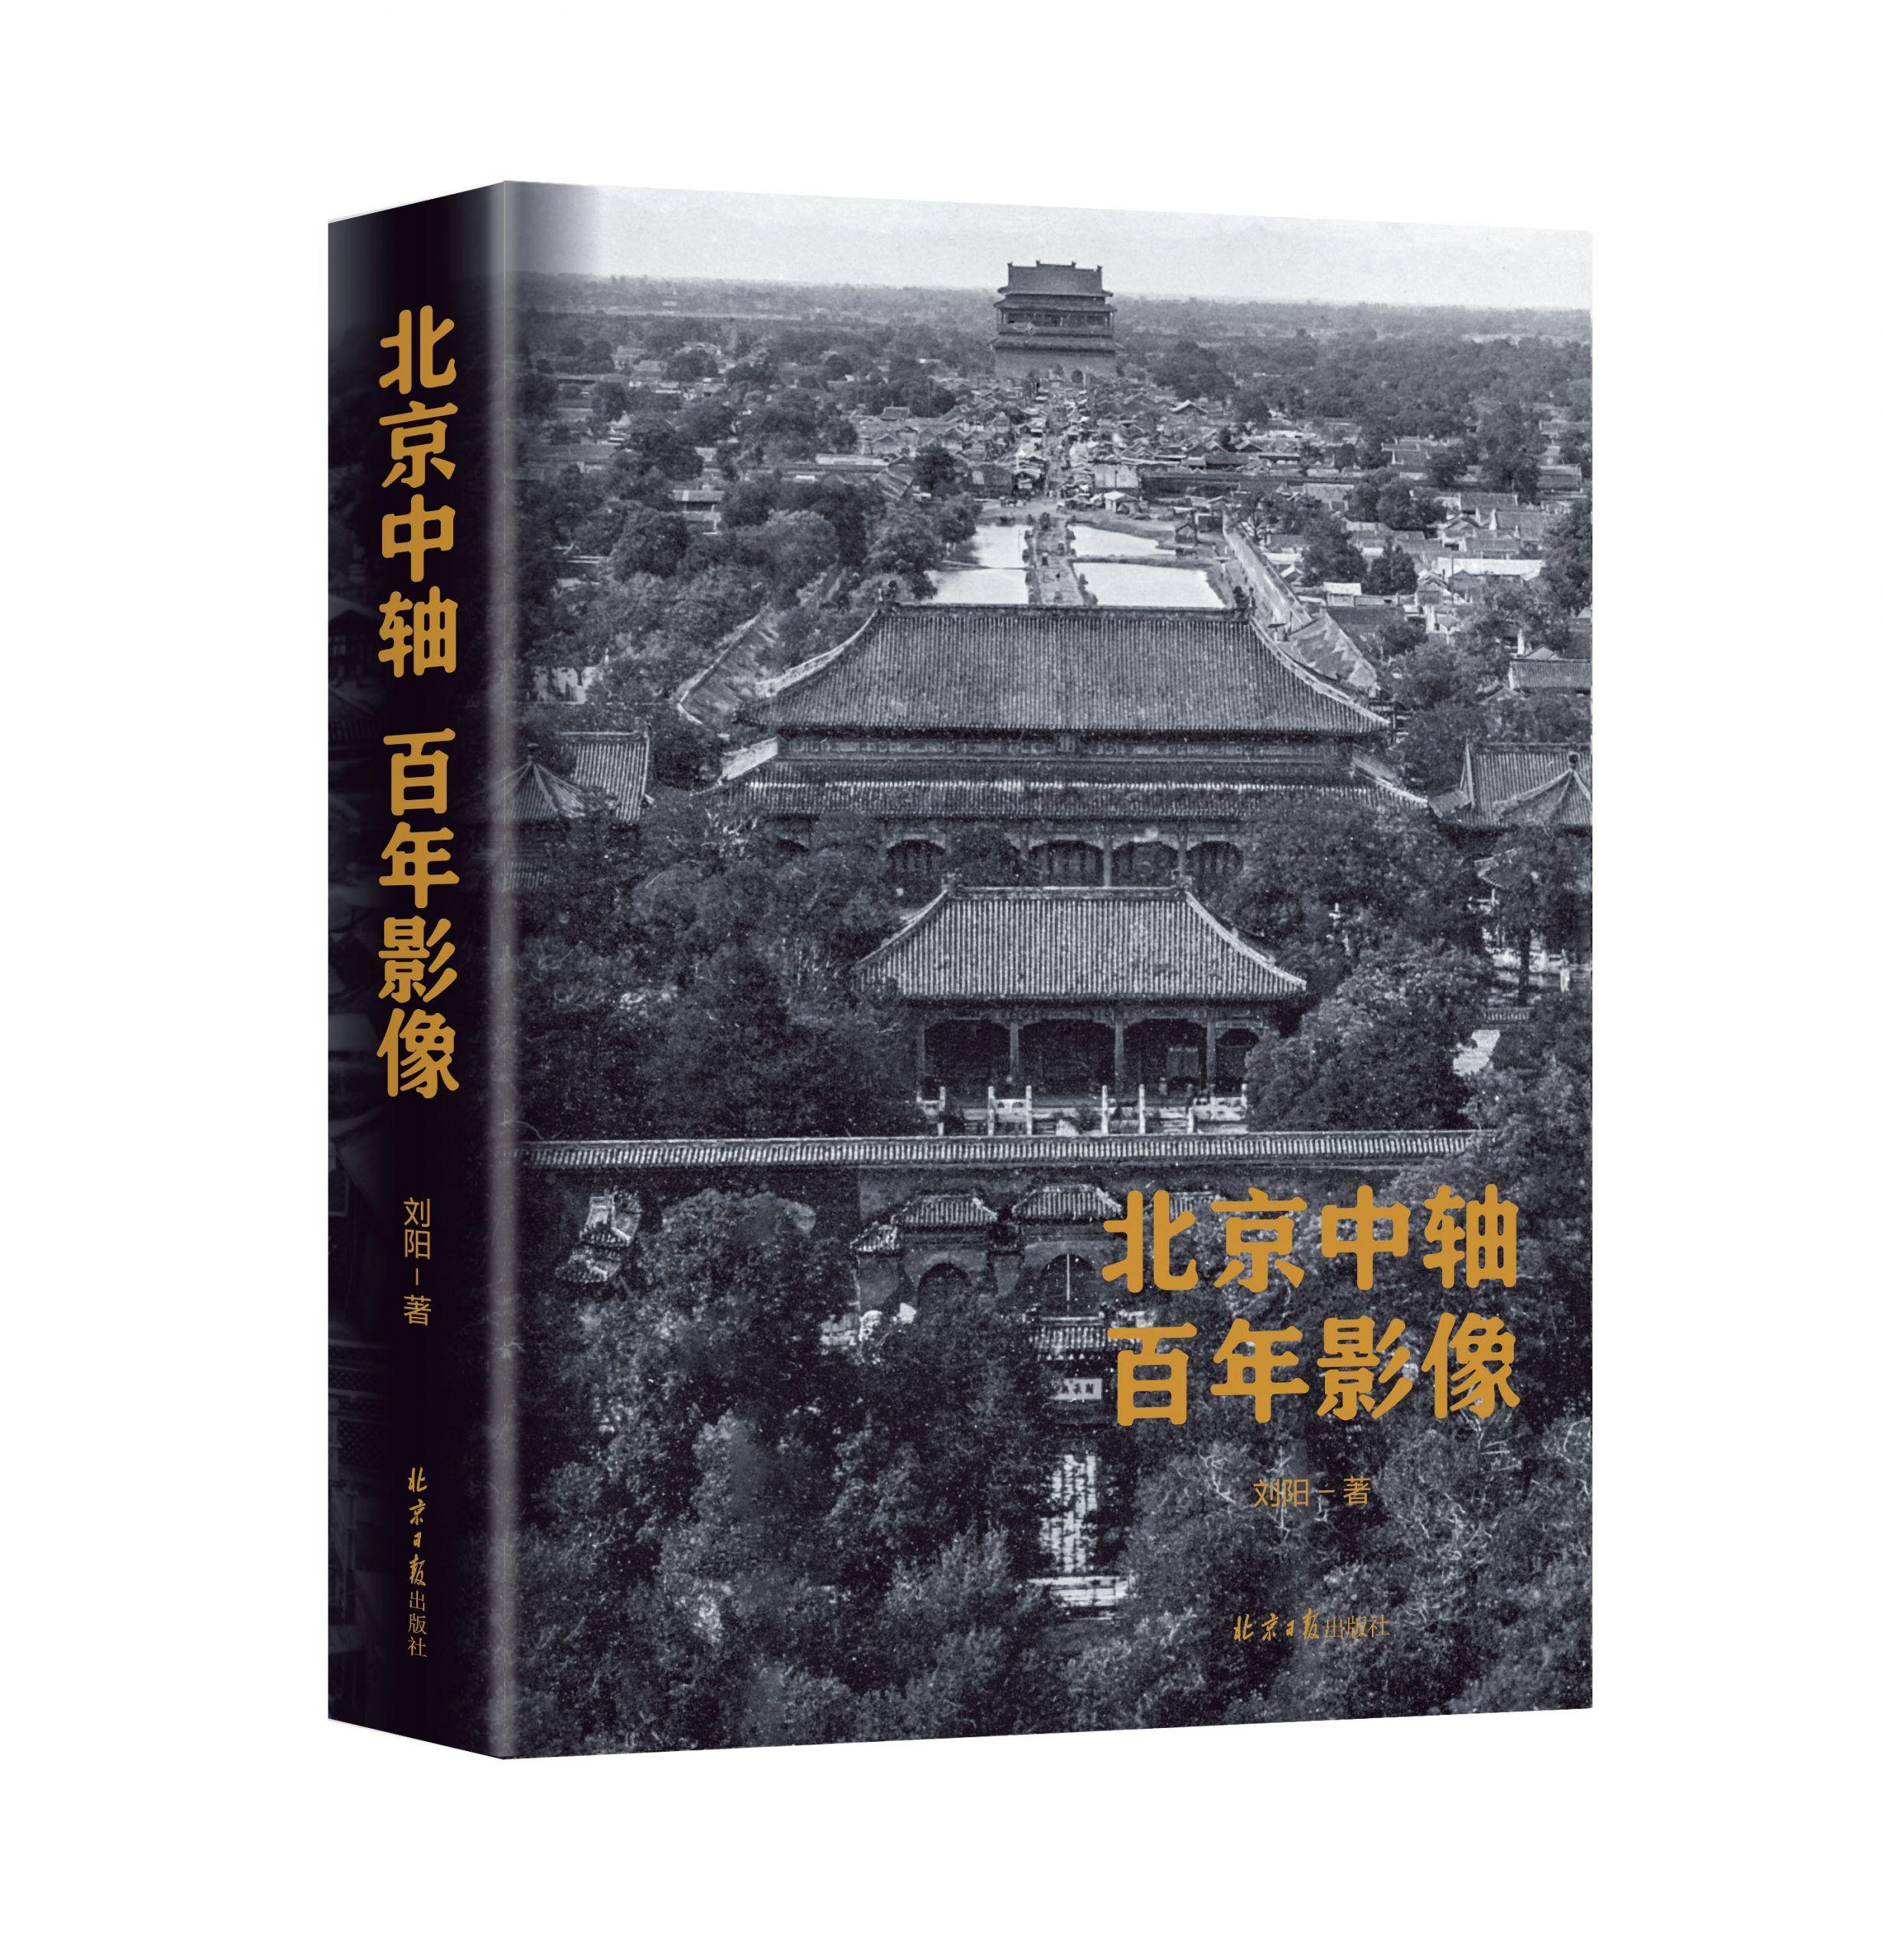 《北京中轴百年影像》出版,用700余张百年前的老照片讲述北京历史